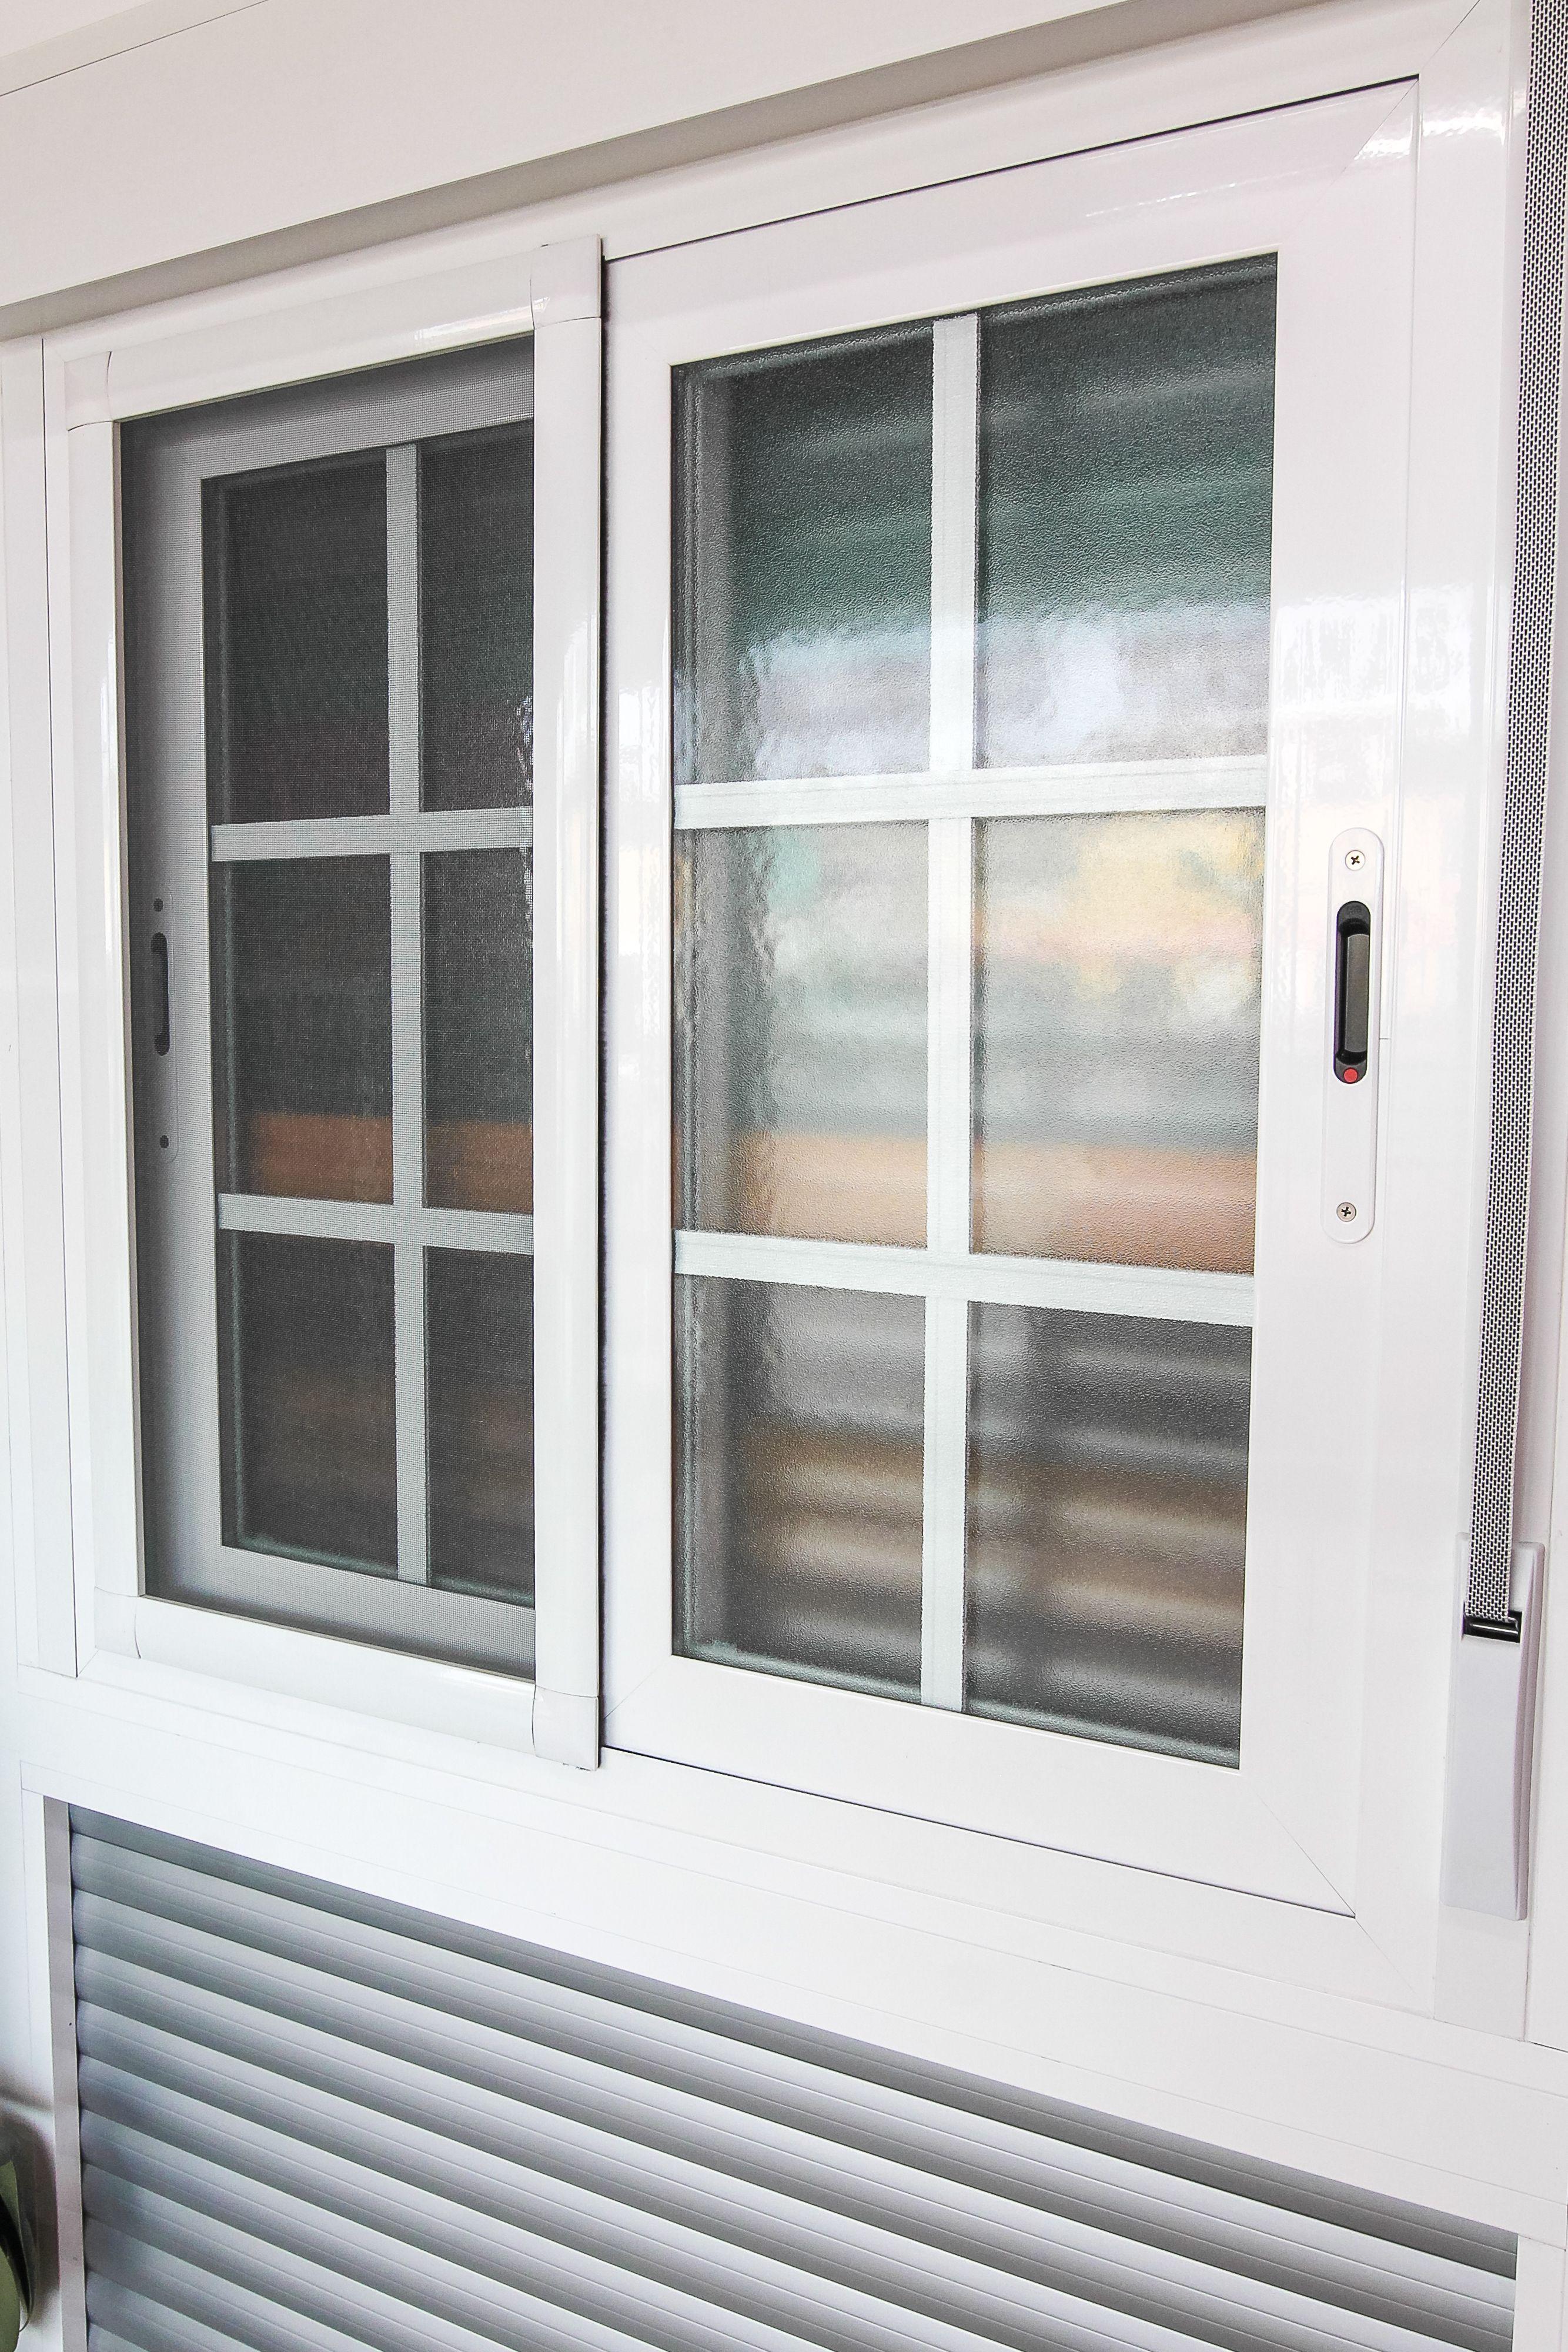 Comprar ventanas de aluminio baratas fabulous puertas y for Ventanas de aluminio con persiana baratas